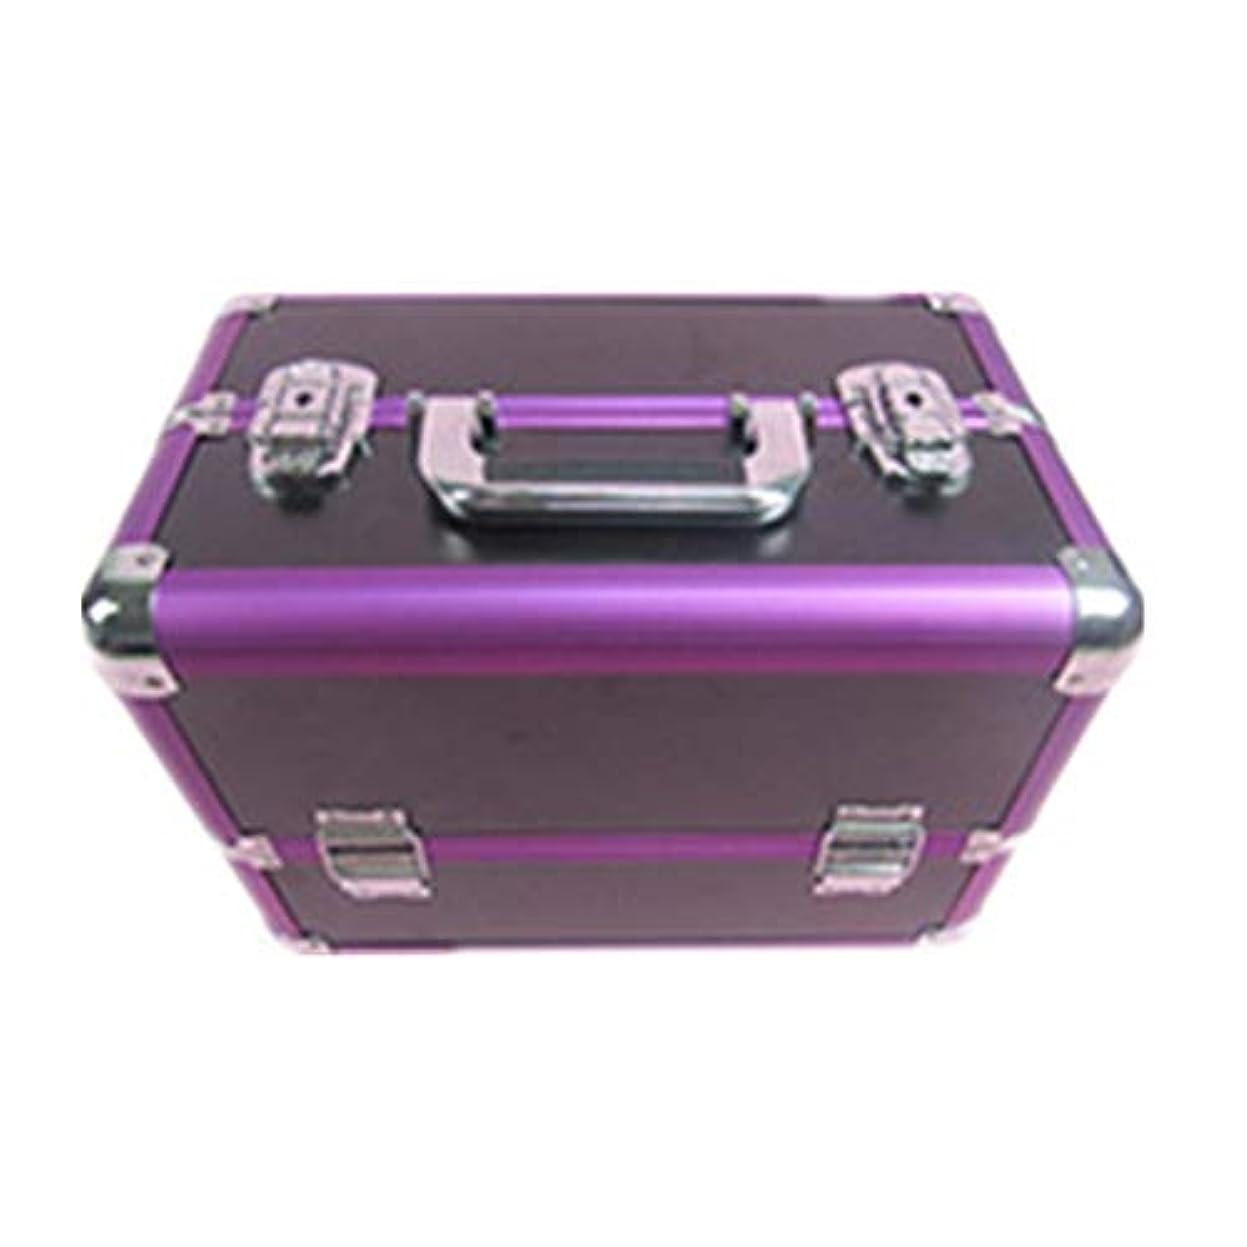 収入配列健康化粧オーガナイザーバッグ 大容量ポータブル化粧ケース(トラベルアクセサリー用)シャンプーボディウォッシュパーソナルアイテム収納トレイ(エクステンショントレイ付) 化粧品ケース